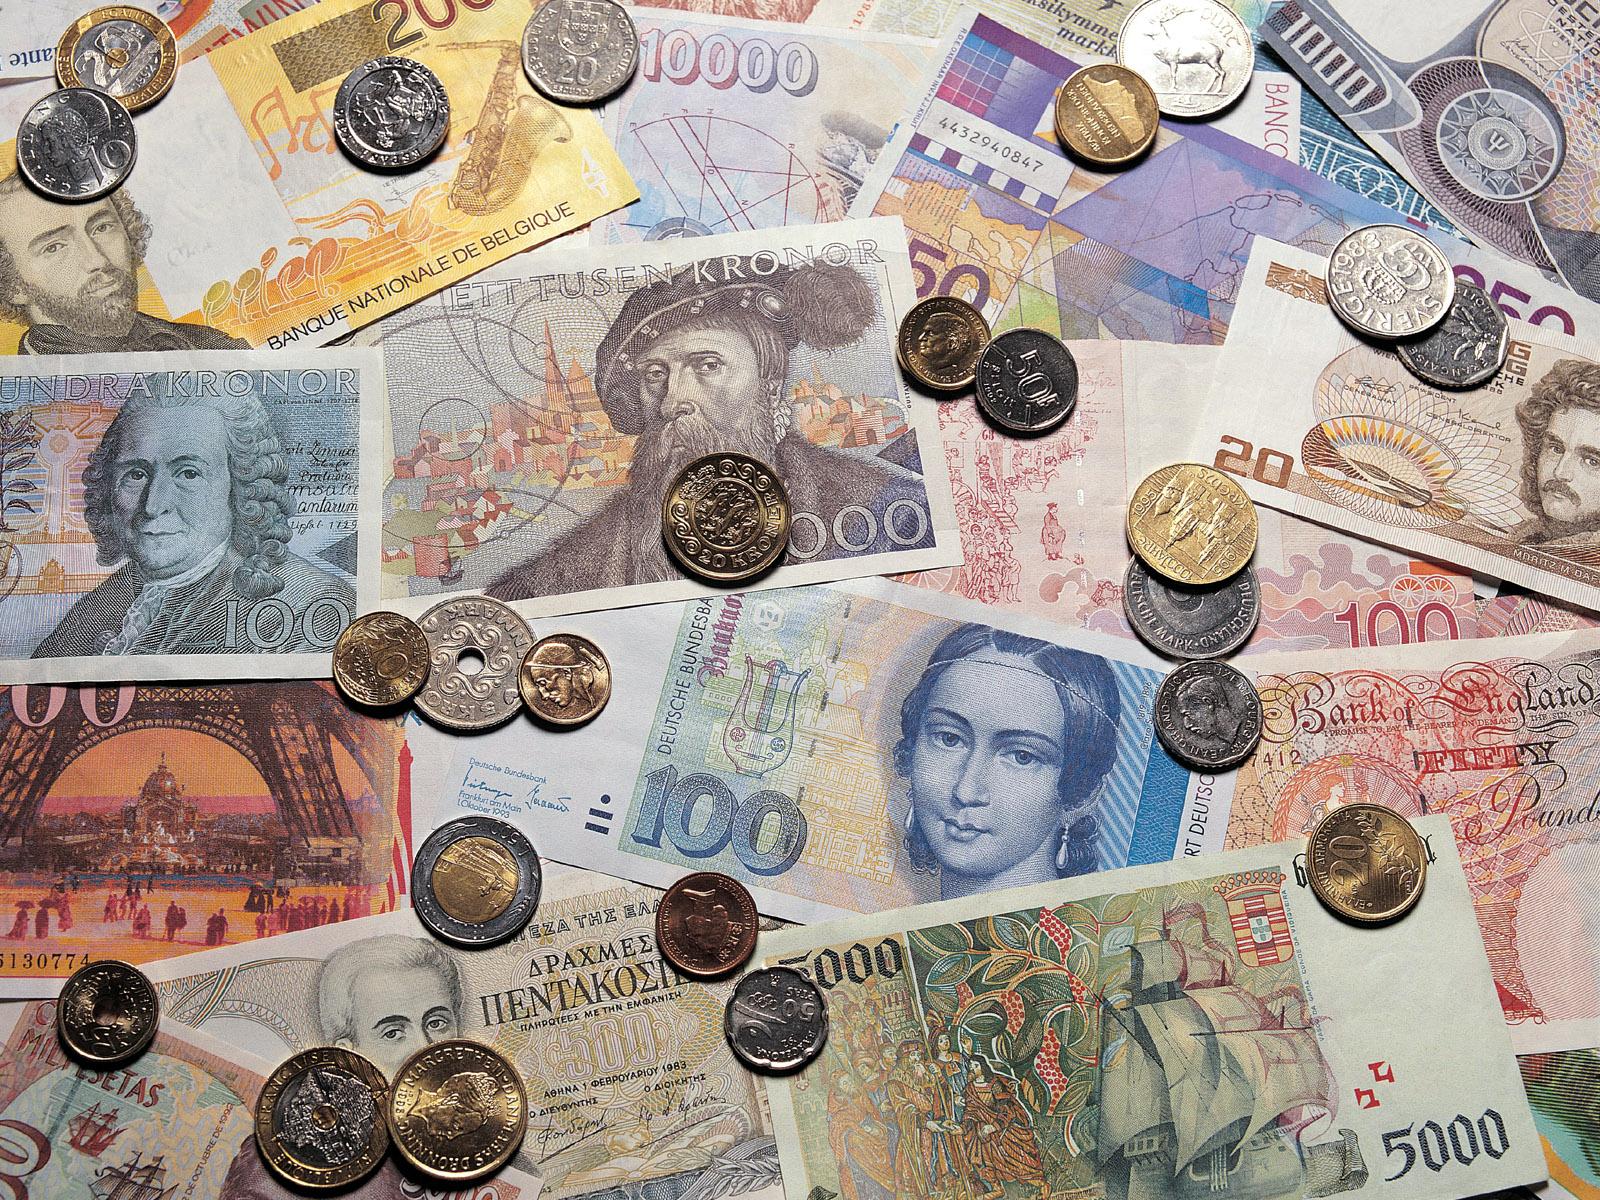 картинки валют всех стран одна площадка может